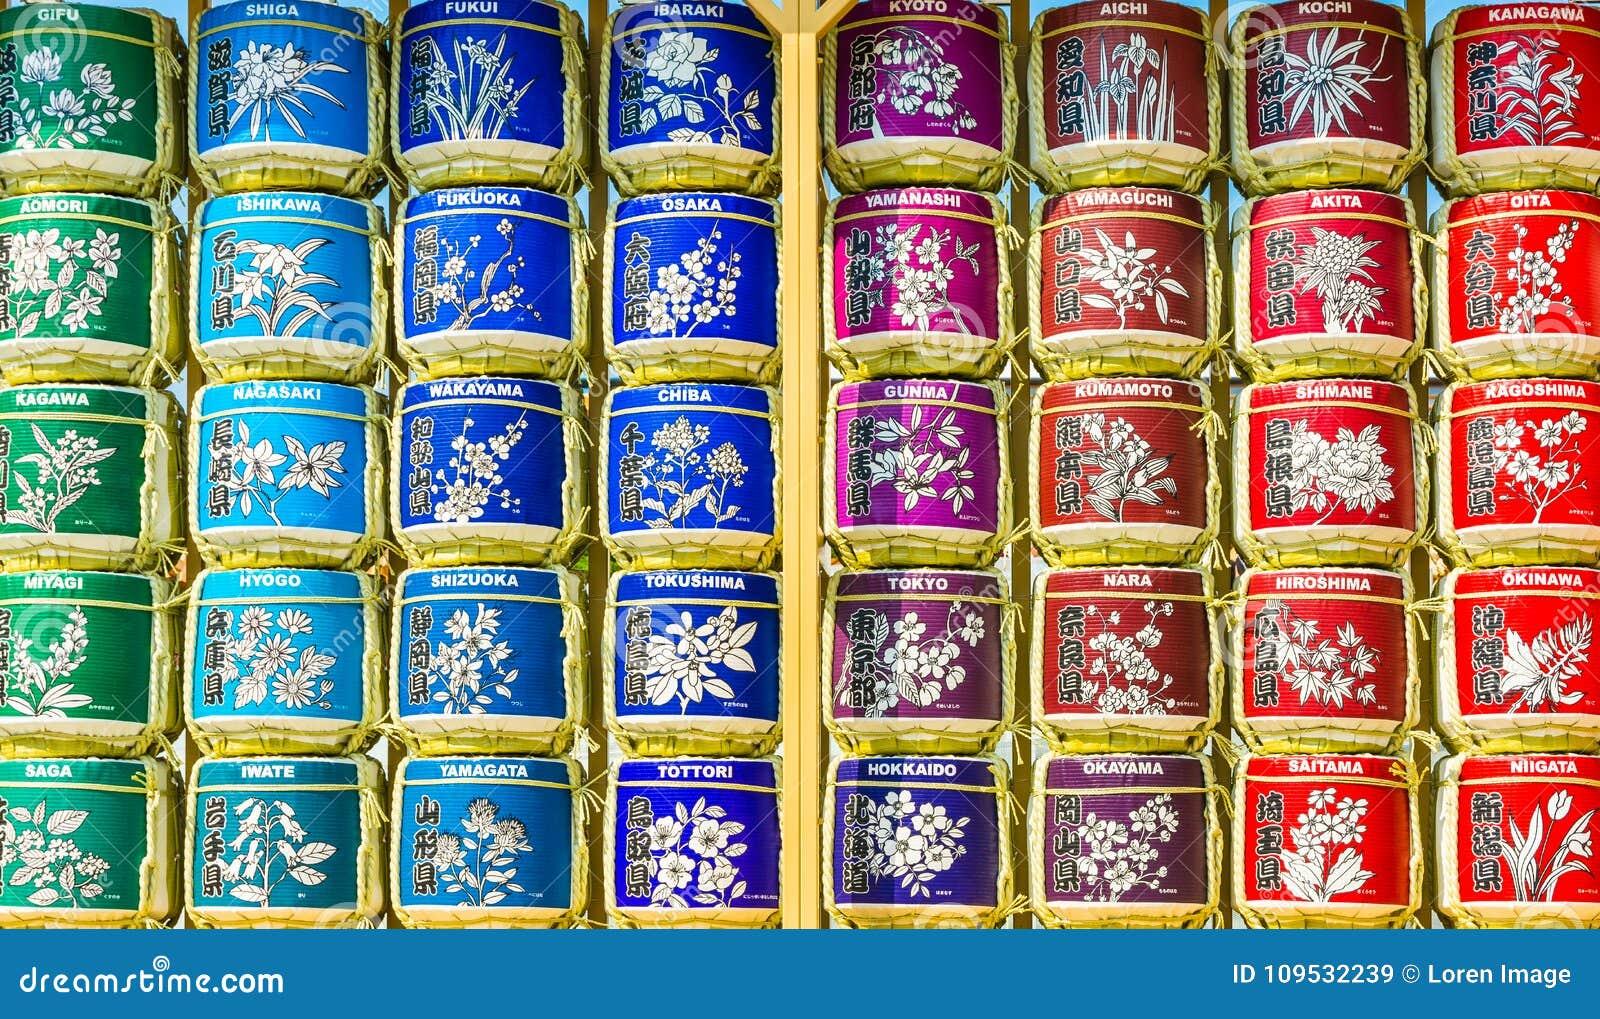 Διάφοροι τύποι τσαγιών στα δοχεία μετάλλων που εκτίθενται για την πώληση σε ένα κινεζικό κατάστημα τσαγιού στο Μιλάνο